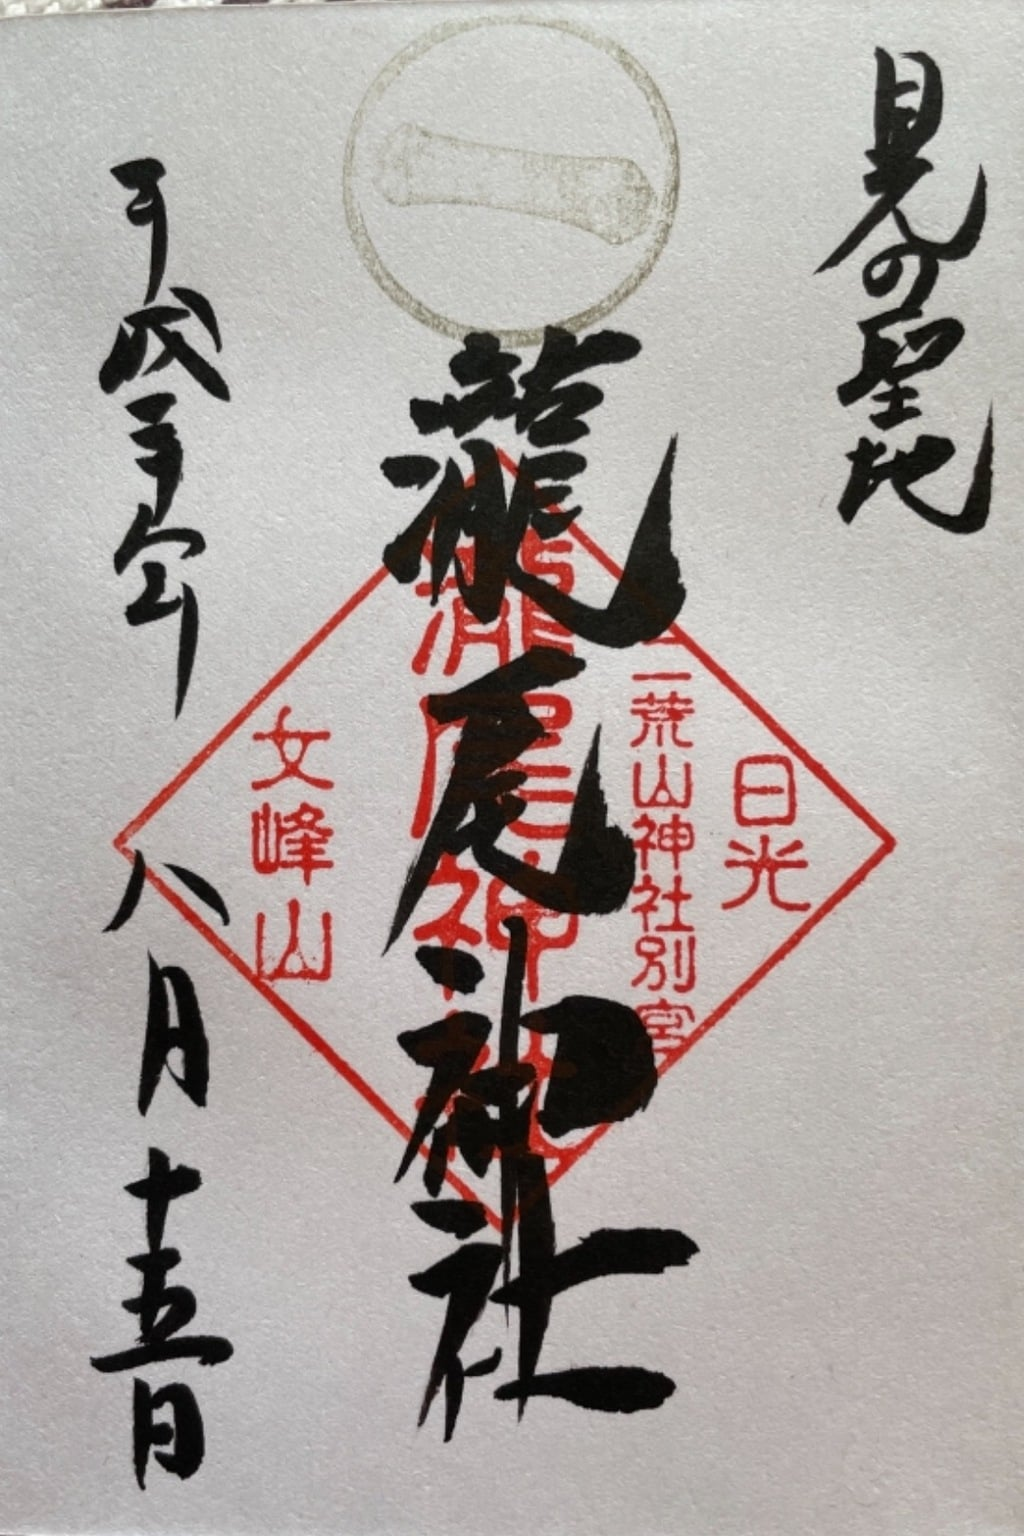 瀧尾神社(日光二荒山神社別宮)の御朱印